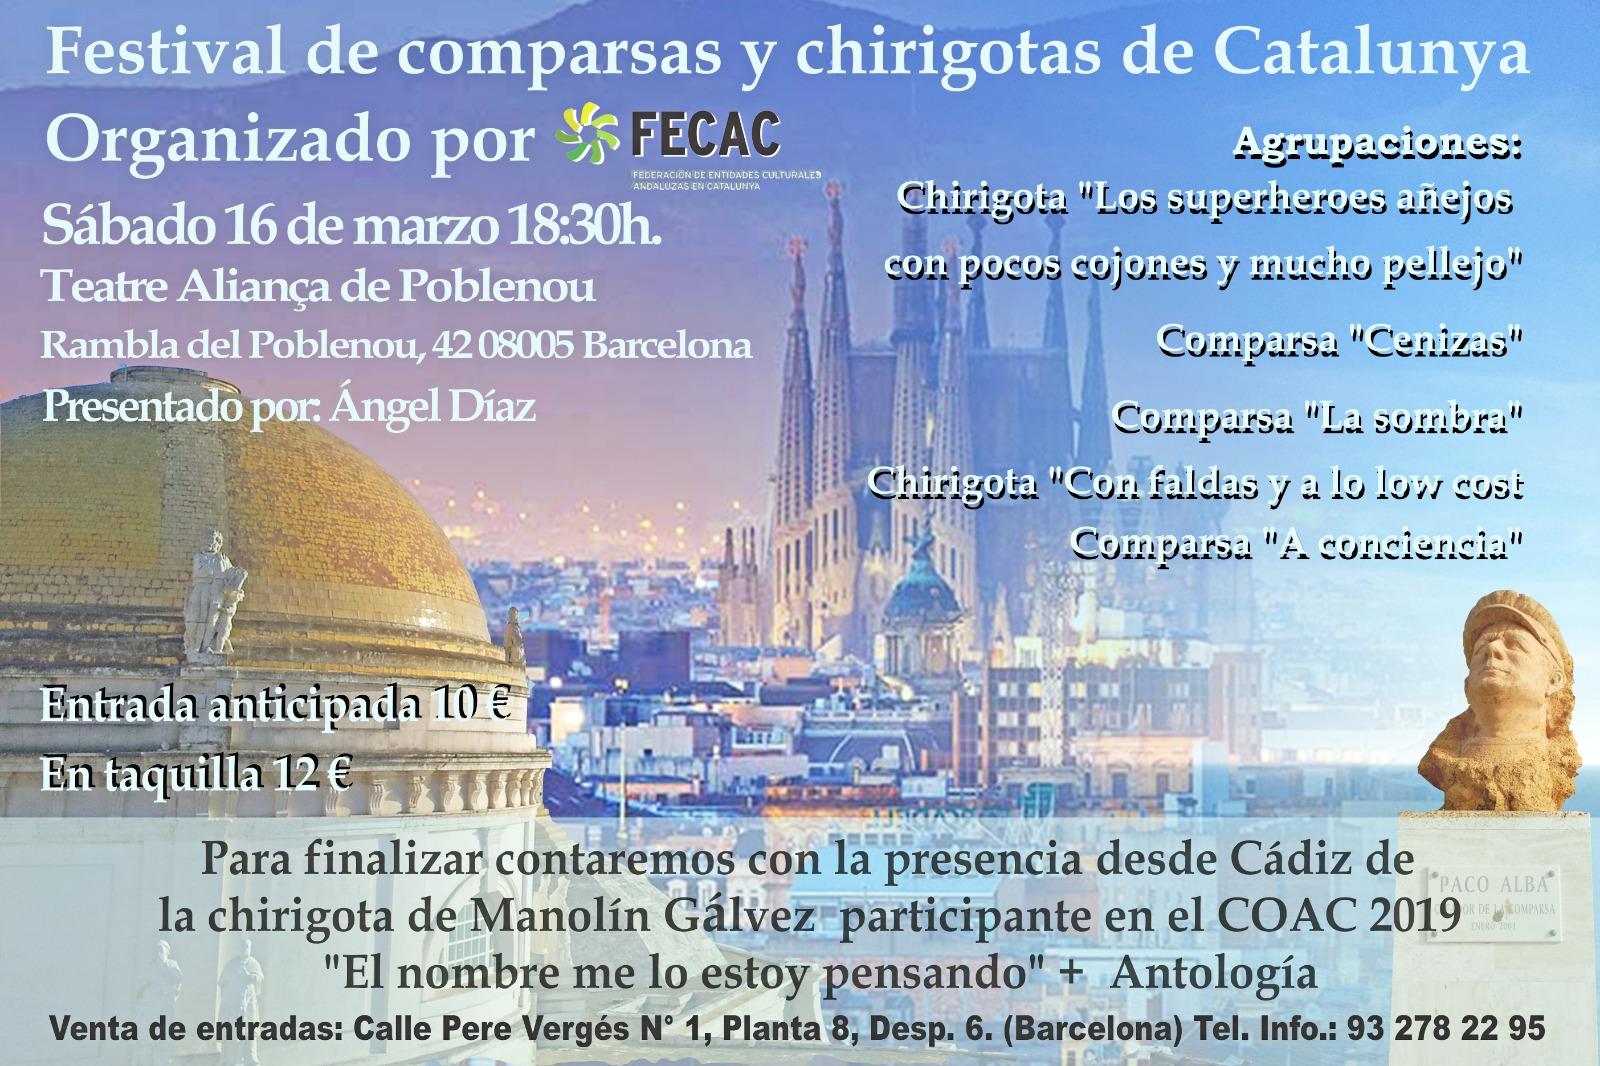 Calendario Coac 2019.Festival De Chirigotas Y Comparsas En Cataluna 2019 Fecac